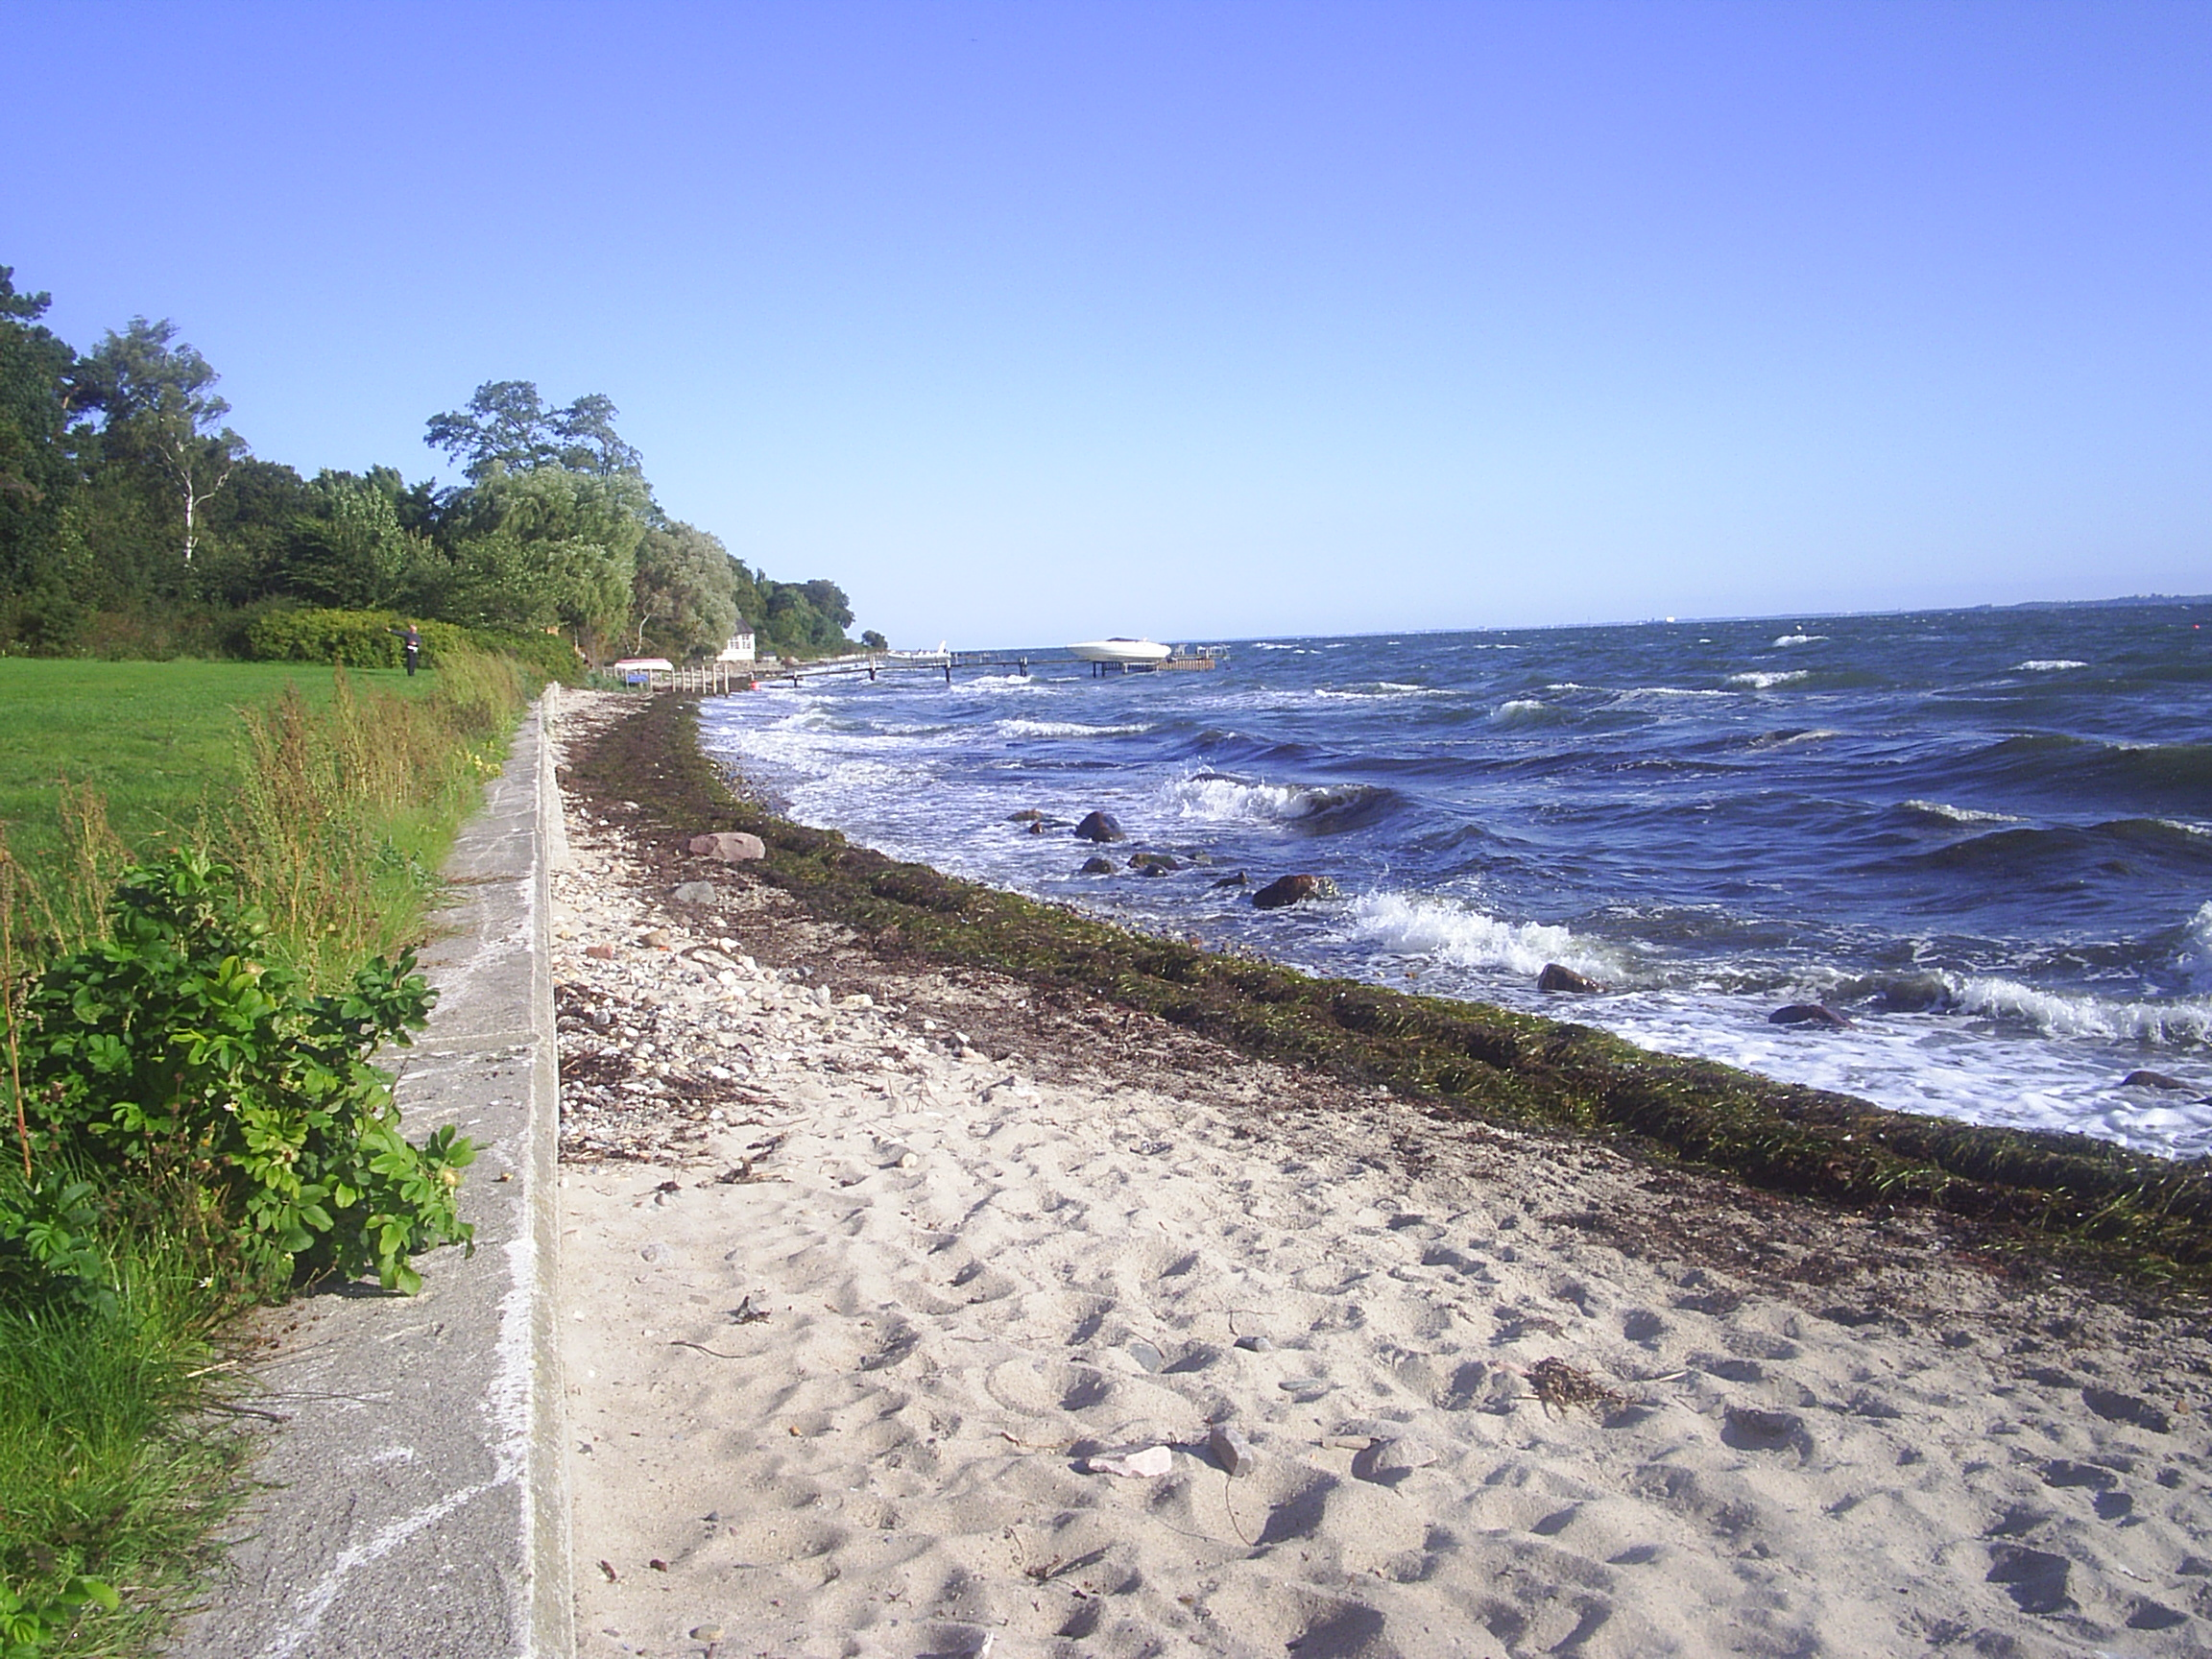 Skodsborg Beach, Øresund, 15 km north of Copenhagen